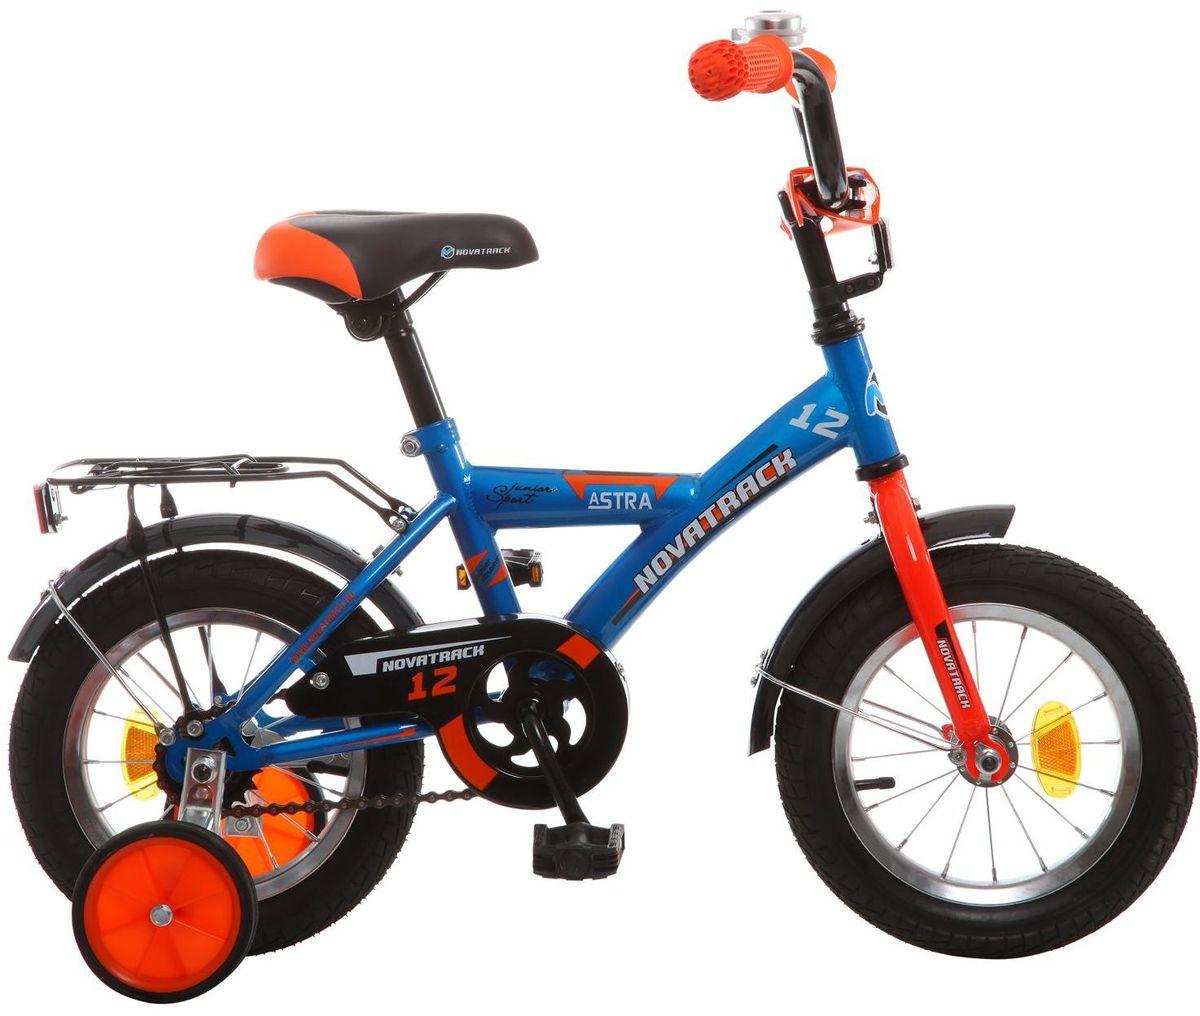 Велосипед детский Novatrack Astra, цвет: синий, 12123ASTRA.BL5Хотите, чтобы ваш ребенок играя укреплял здоровье? Тогда ему нужен удобный и надежный велосипед Novatrack Astra 12'', рассчитанный на малышей 2-4 лет. Одного взгляда малыша хватит, чтобы раз и навсегда влюбиться в свой новенький двухколесный транспорт, который в принципе, сначала можно назвать и четырехколесным. Дополнительную устойчивость железному «коню» обеспечивают два маленьких съемных колеса в цвет велосипеда. Велосипед собран на базе рамы с универсальной геометрией, которая позволяет легко взобраться или слезть с велосипеда, при этом велосипед имеет такой вес, что маленький ребенок сам легко справляется со своим транспортным средством. Так как велосипед предназначен для самых маленьких, предусмотрен ограничитель поворота руля, который не позволит сильно завернуть руль и упасть. Еще один элемент безопасности – это защита цепи, которая оберегает одежду и ноги малыша от попадания в механизм. Стильные крылья защитят от грязи и брызг, а на багажнике ребенок сможет перевозить массу...